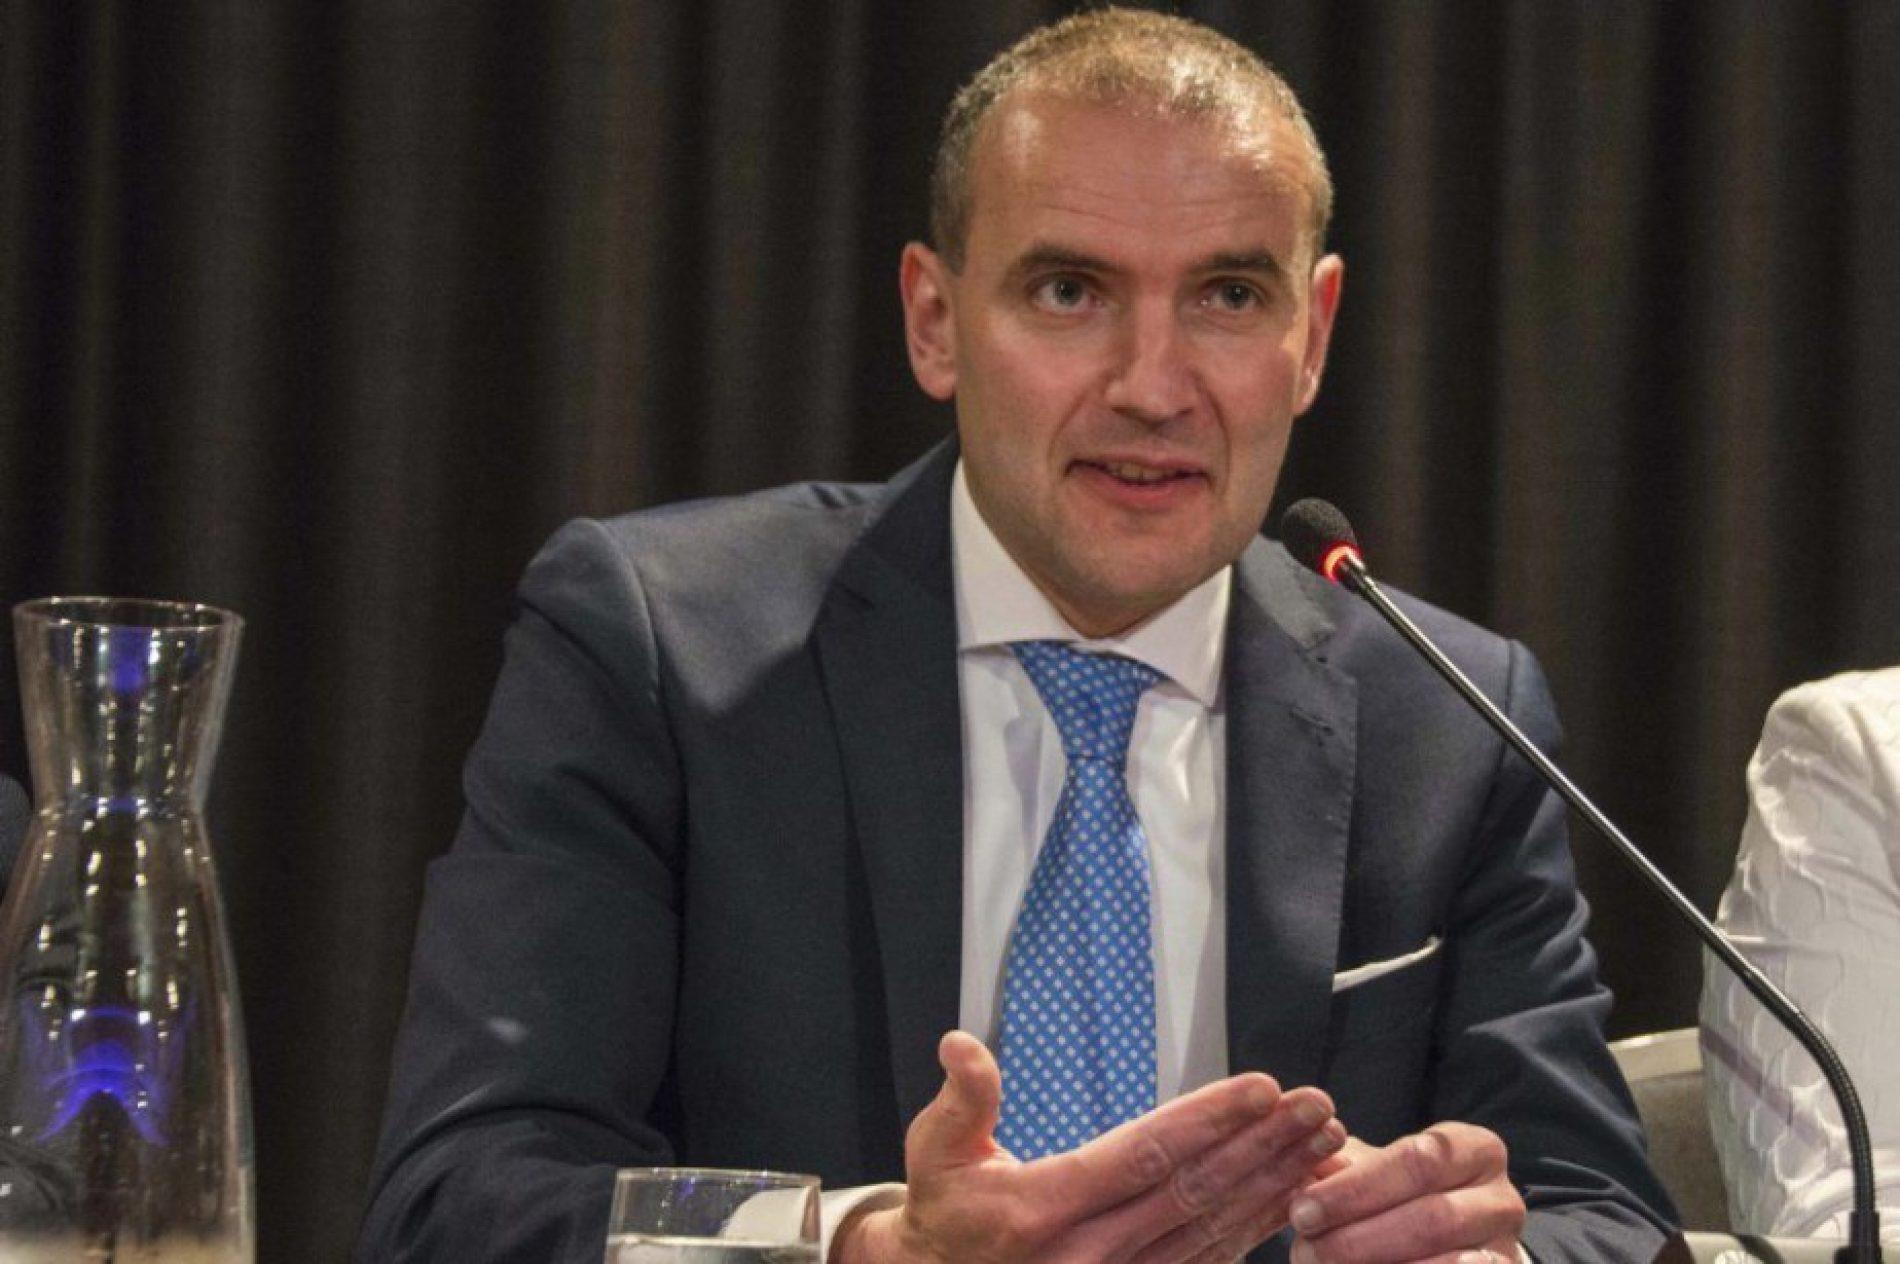 Islande: le président Gudni Johannesson réélu avec 92,2% des voix